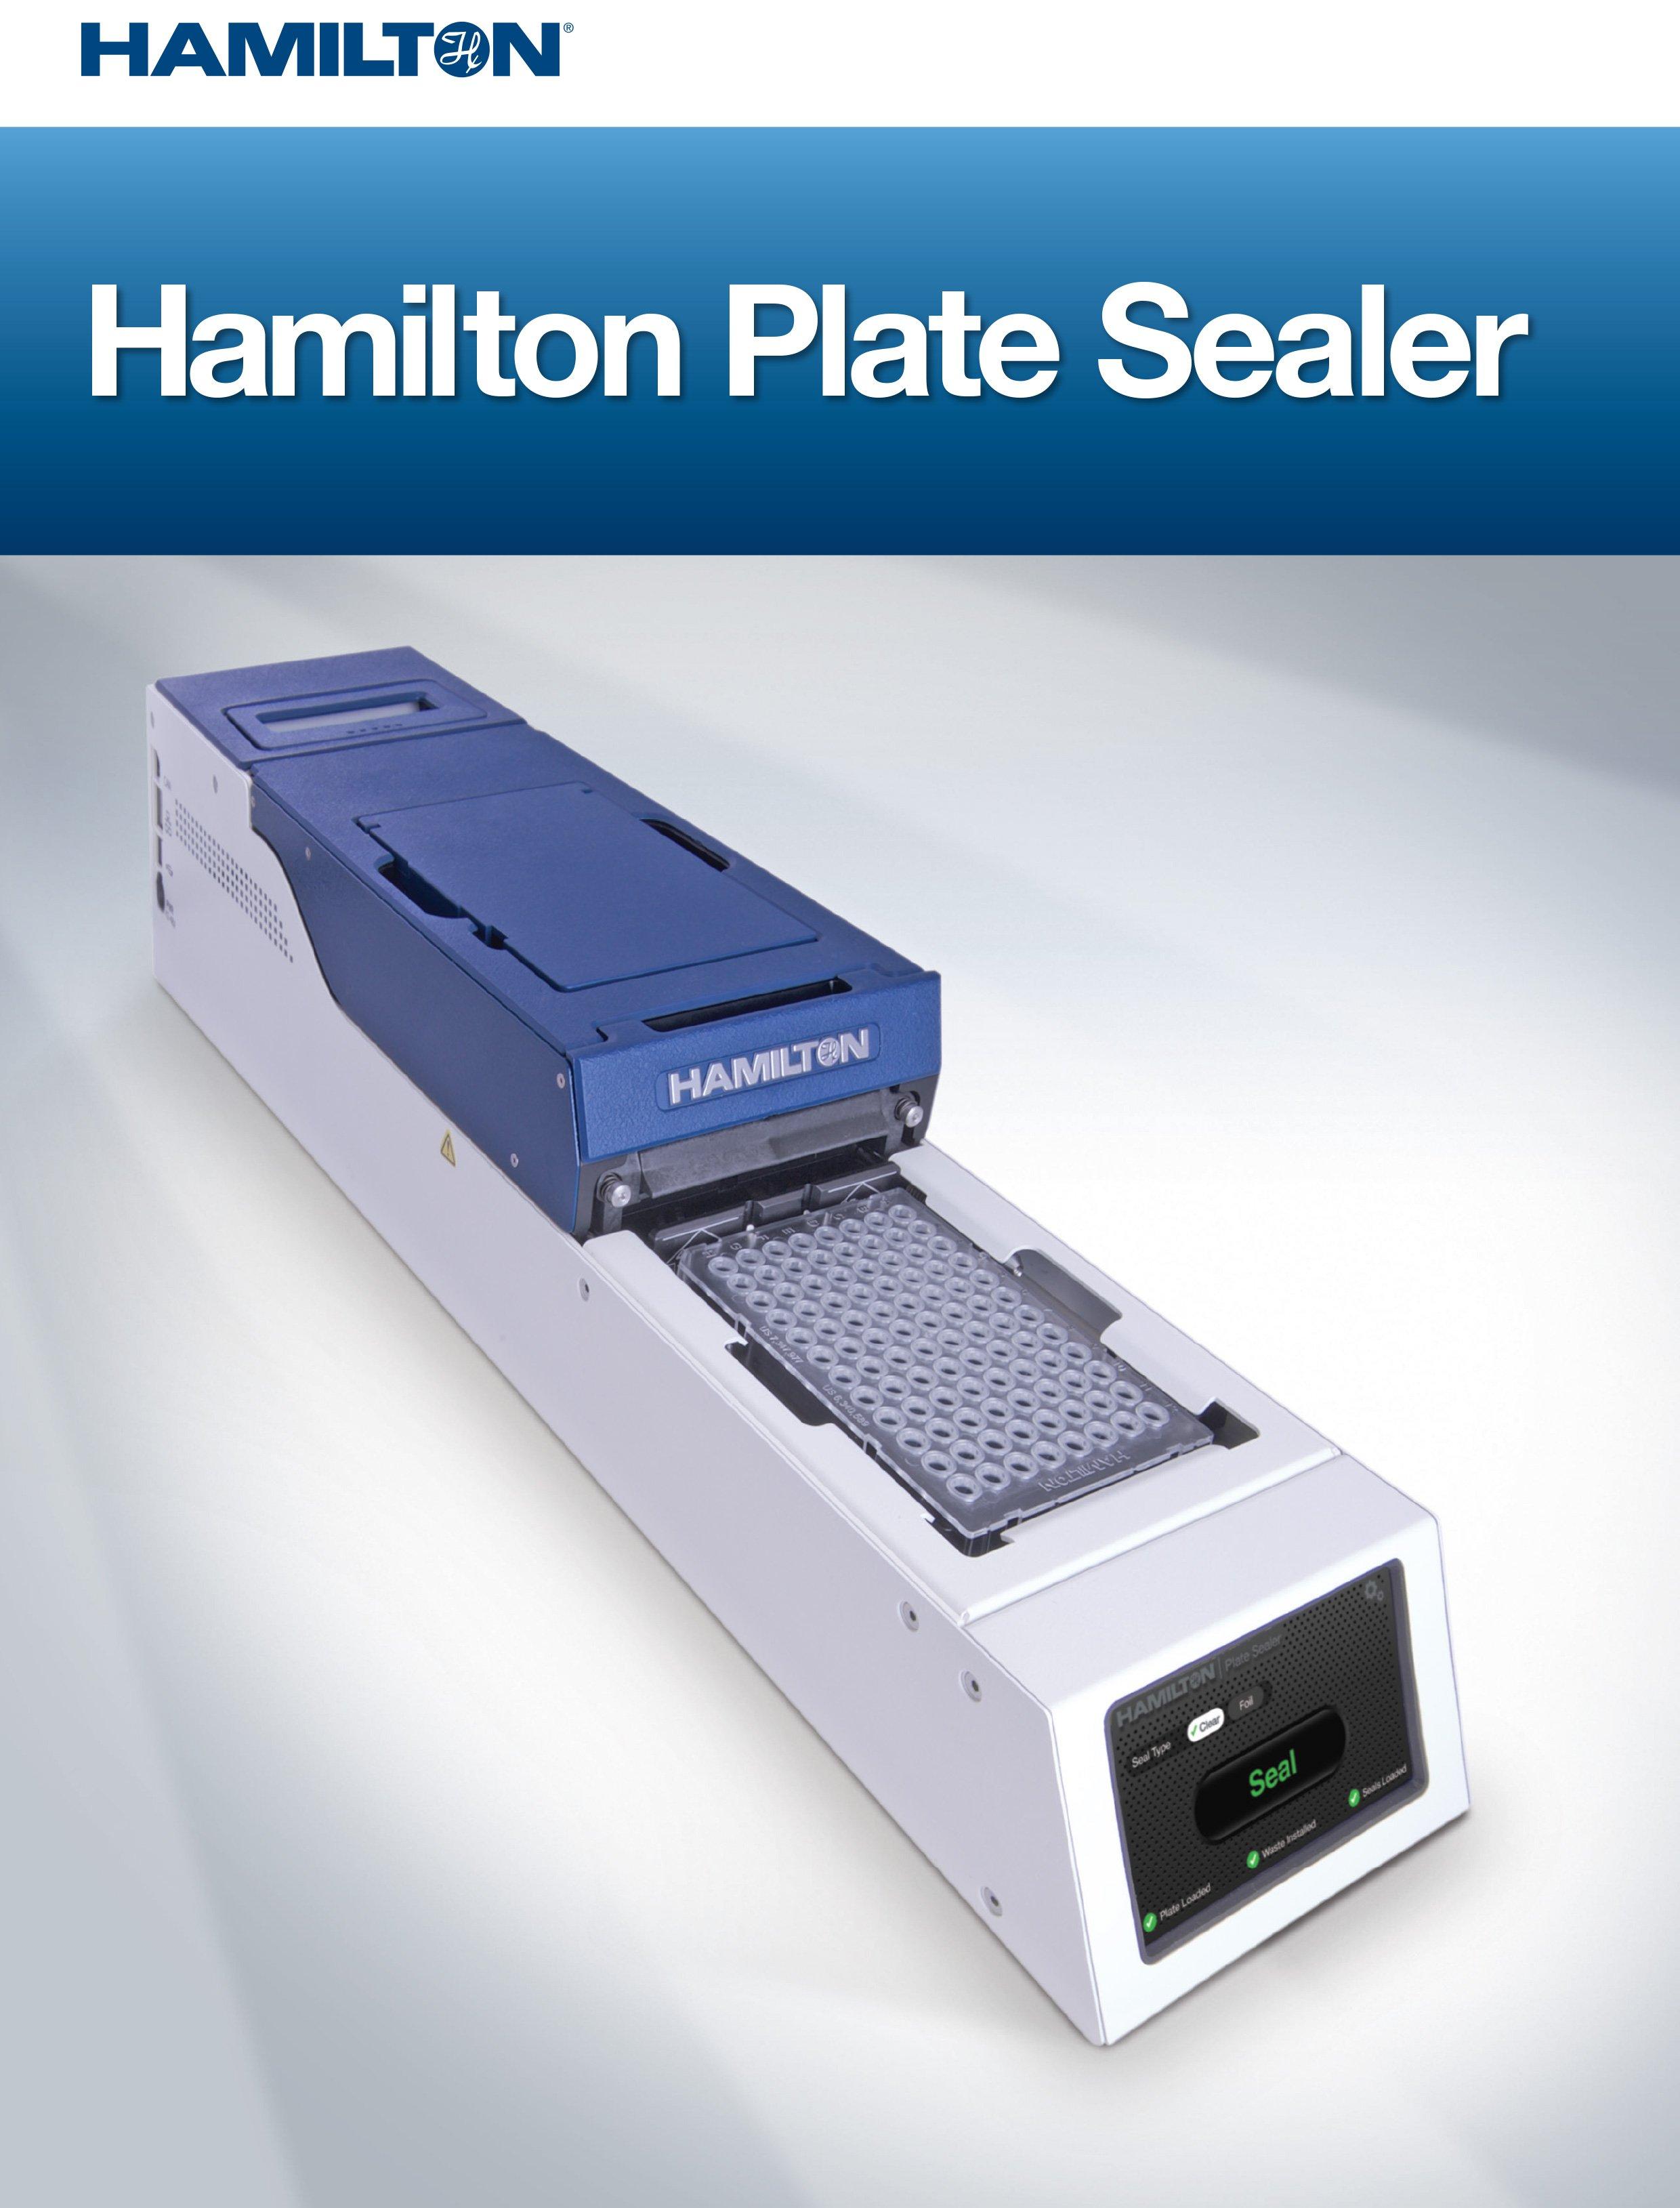 Hamilton-Plate-Sealer-Brochure-for-HubSpot